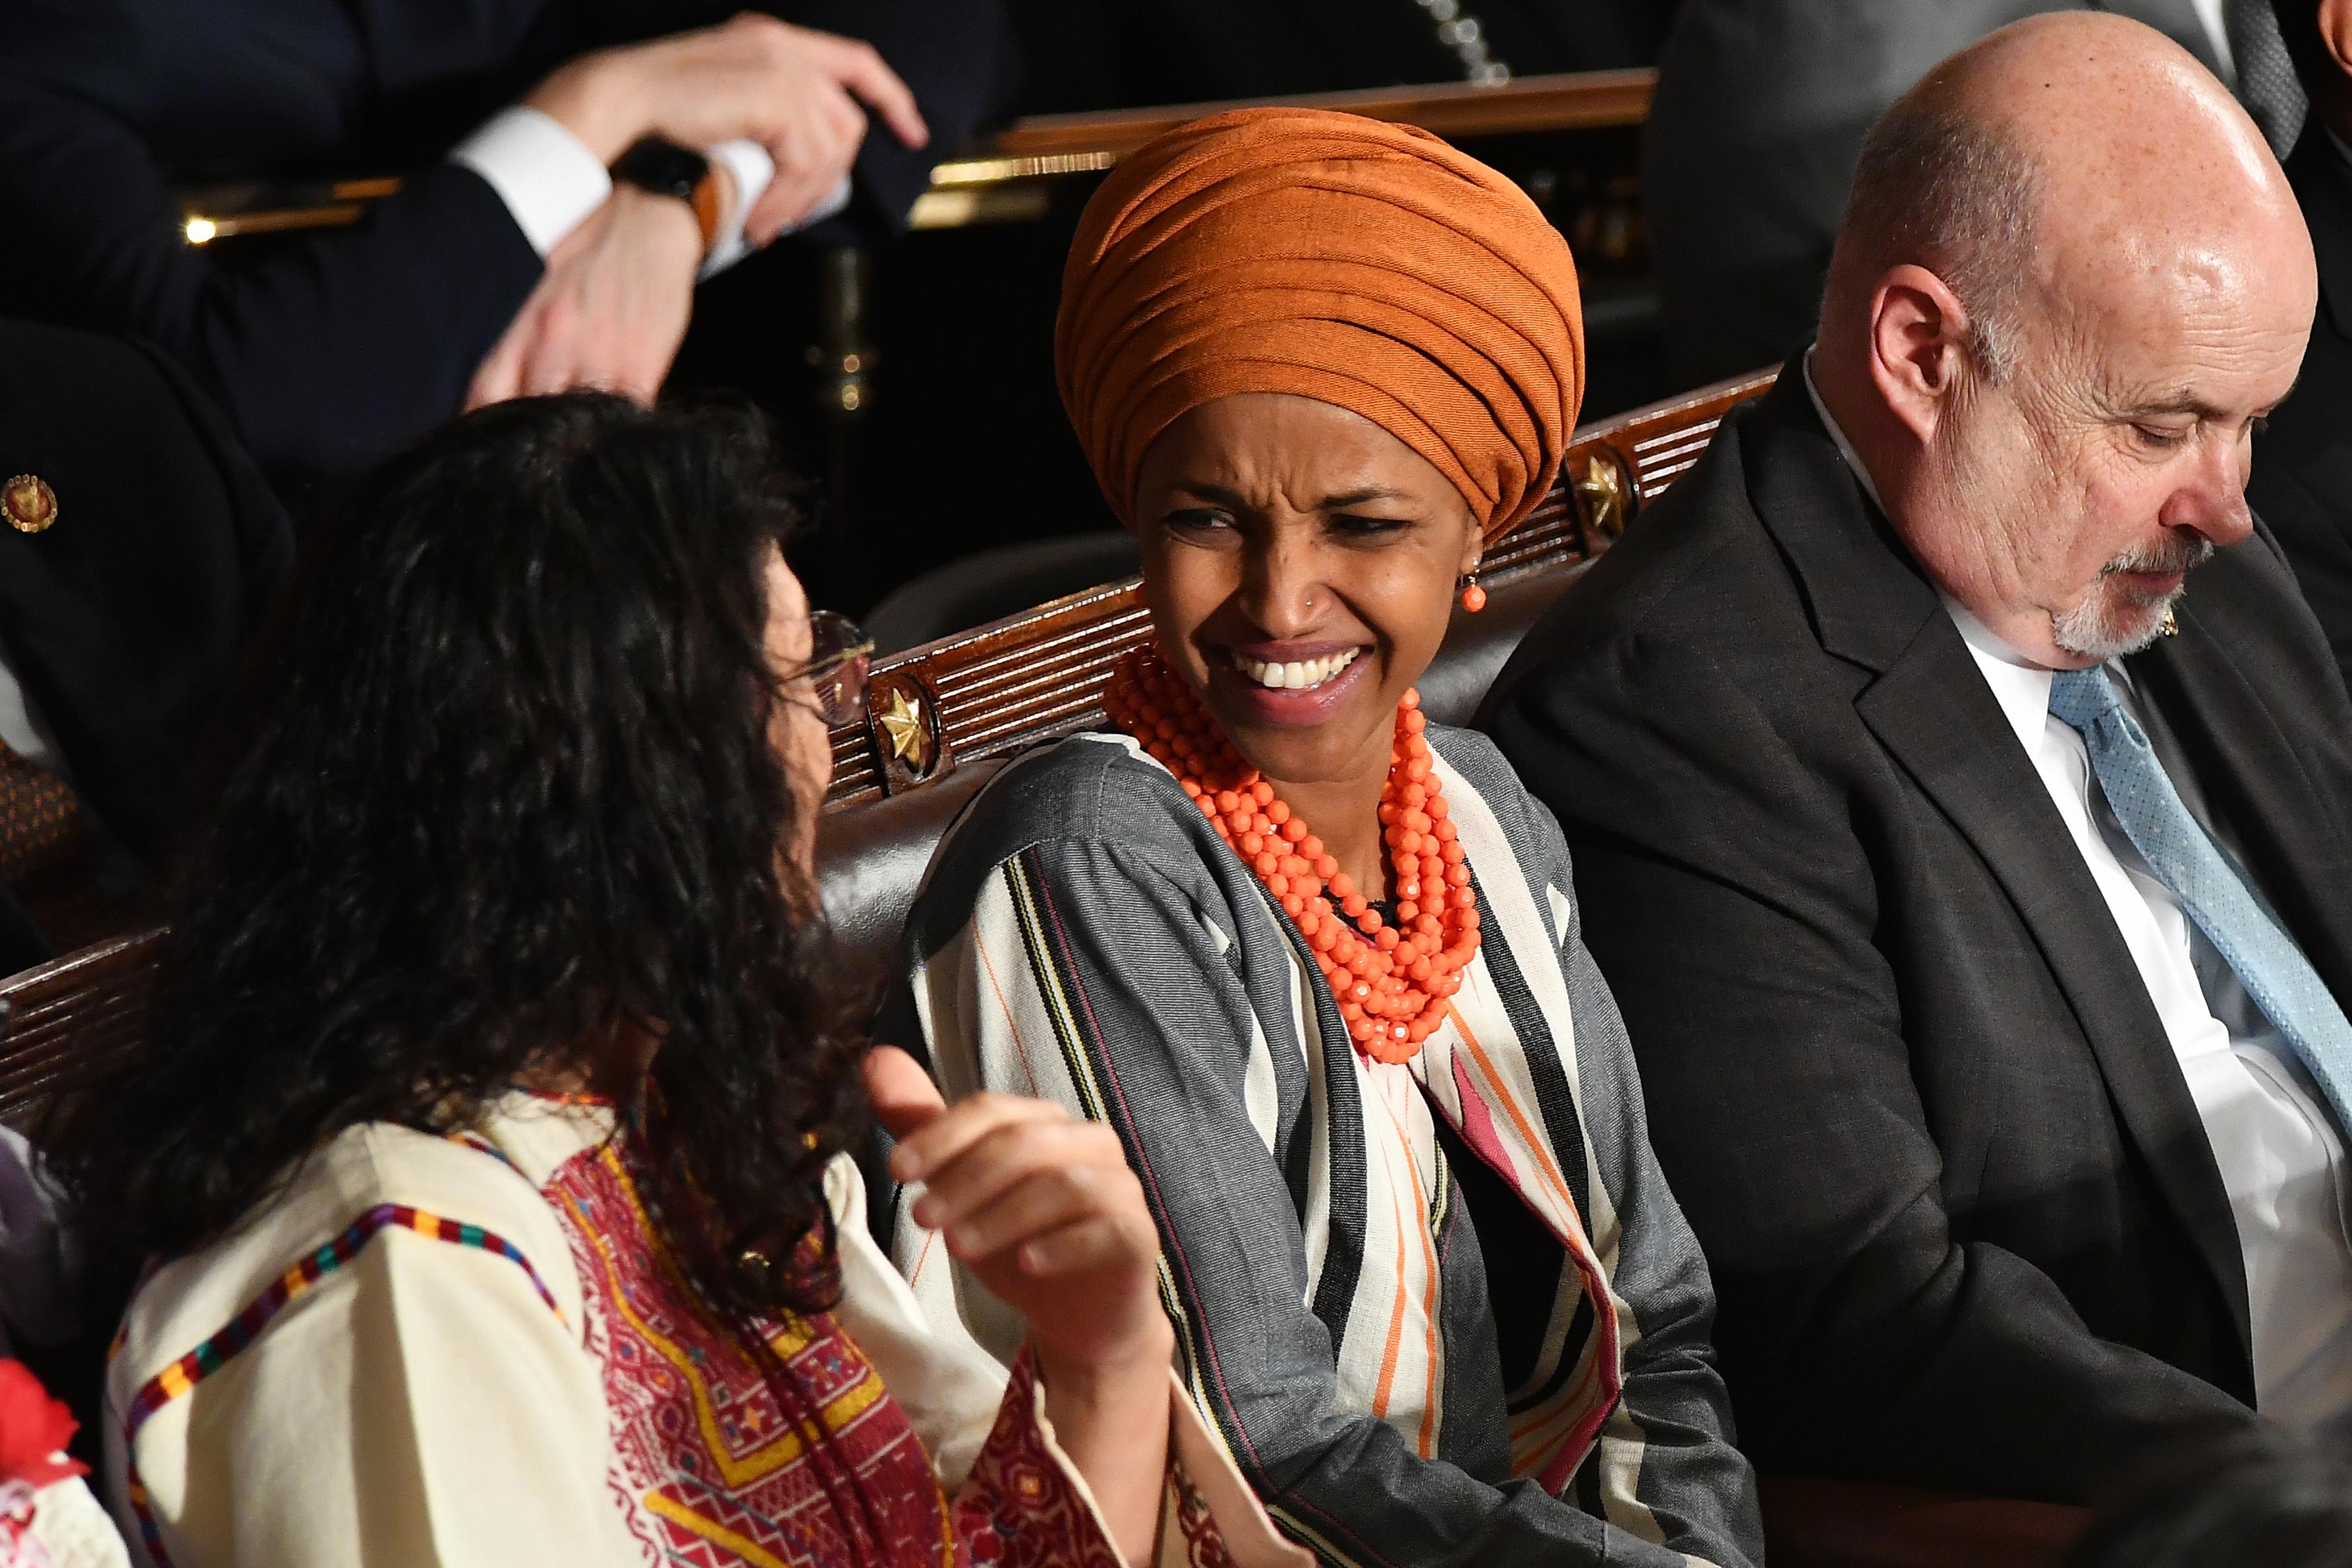 La congresista de Minnesota Ilhan Omar (derecha) y la congresista de Michigan Rashida Tlaib sonríen el presidente de los Estados Unidos, Donald Trump, pronuncia el discurso. (MANDEL NGAN / AFP)